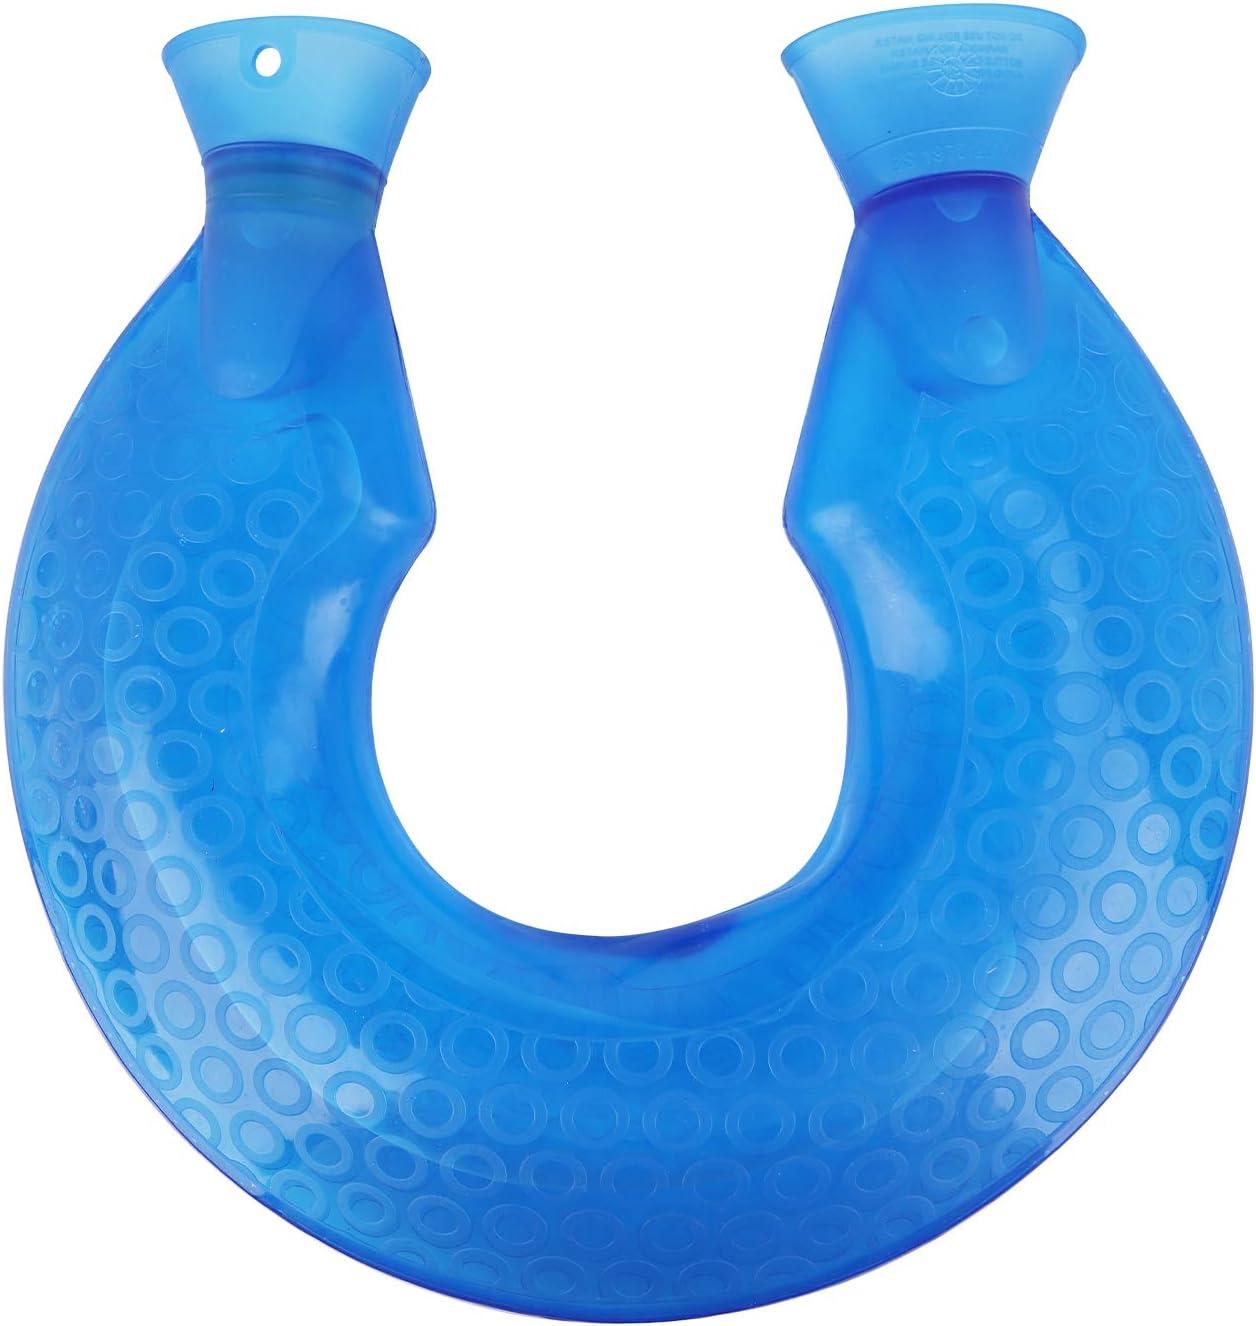 Hot Water Bottle, U Shaped PVC Explosion-Proof Hot Water Bottle